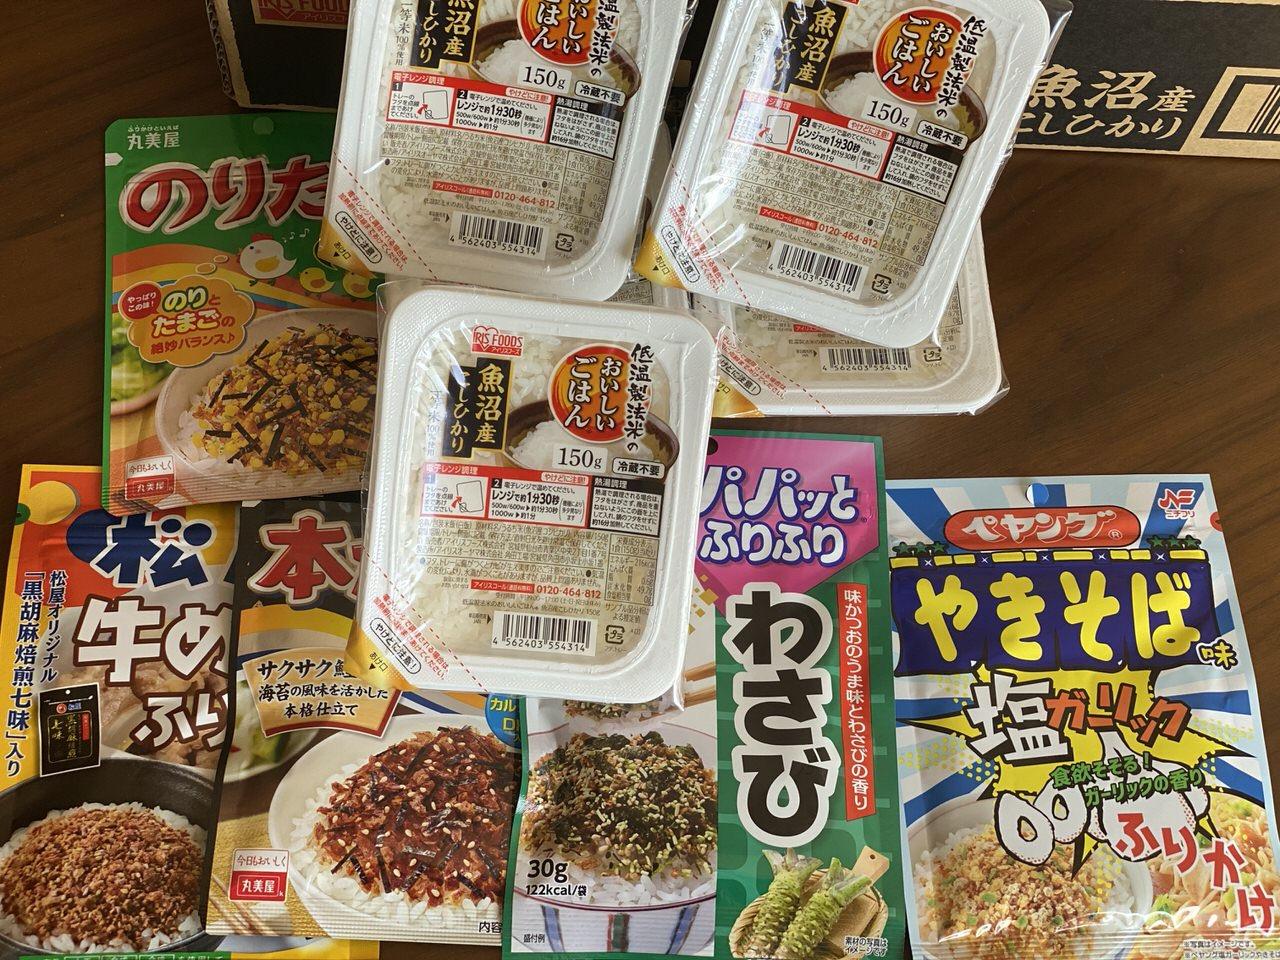 アイリスオーヤマ「低温製法米のおいしいごはん」6